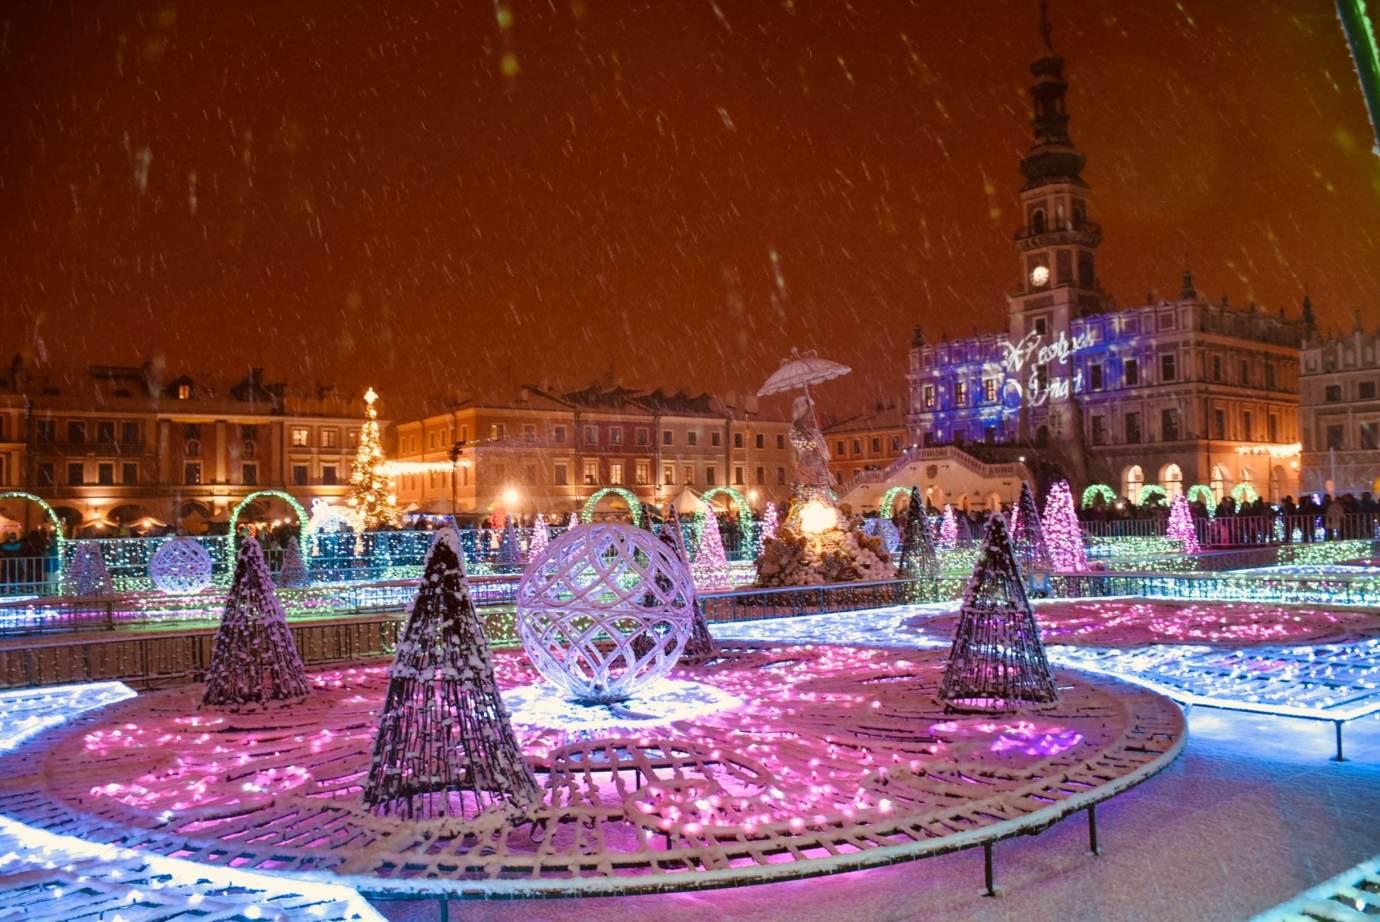 22 Świetlny labirynt w sercu miasta. Zamość uroczyście odpali świąteczne iluminacje